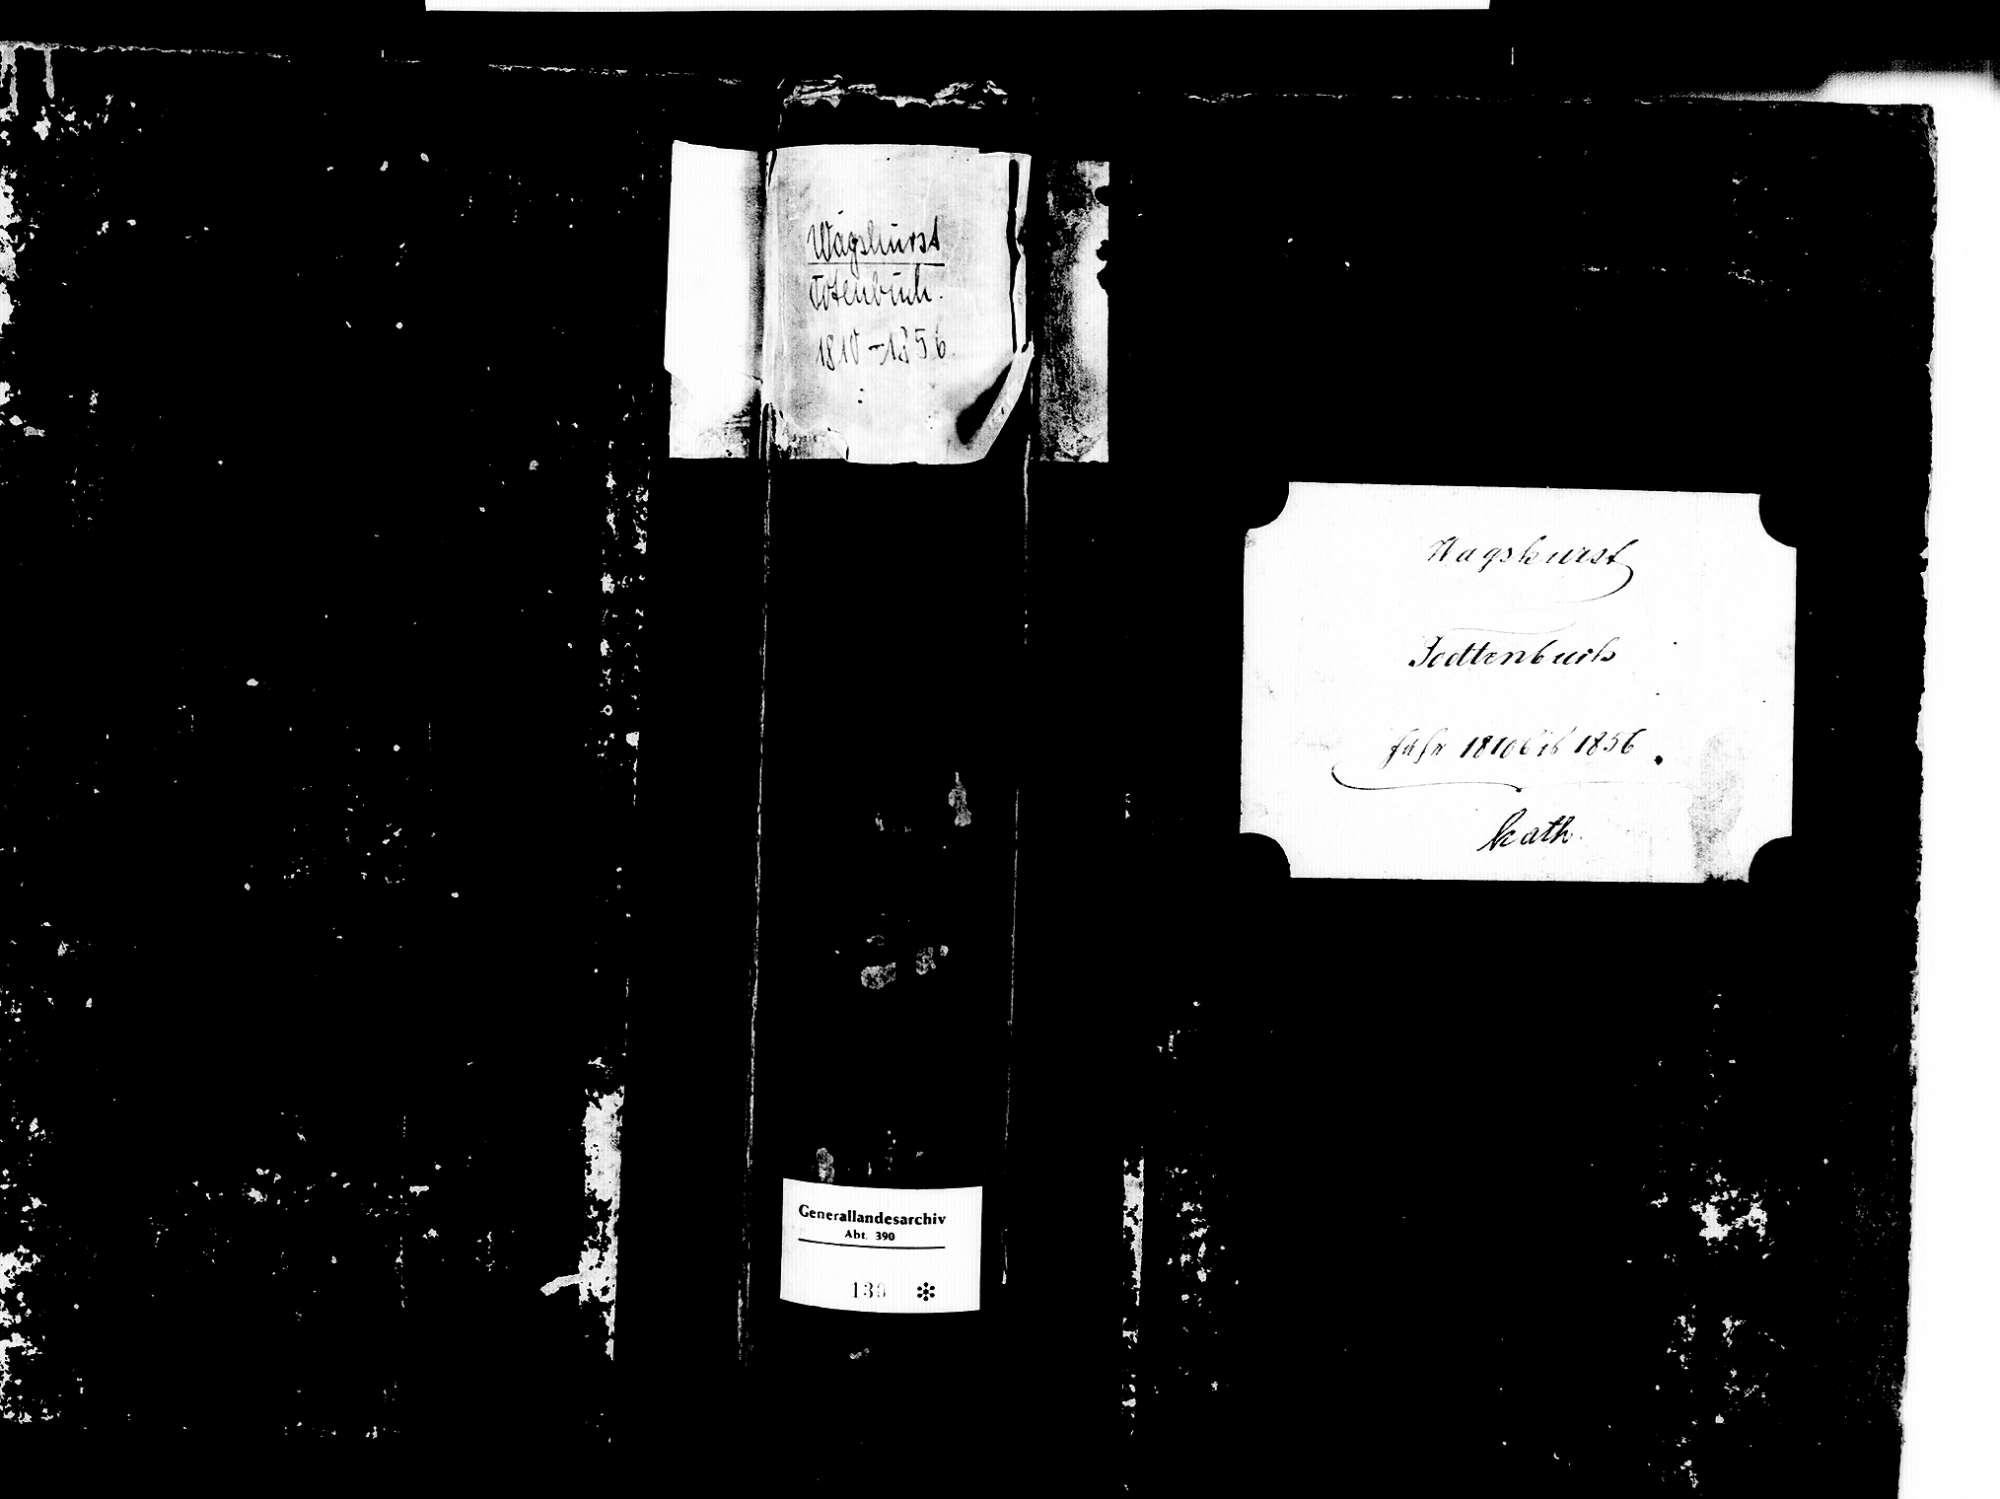 Wagshurst, Achern OG; Katholische Gemeinde: Sterbebuch 1810-1856, Bild 1